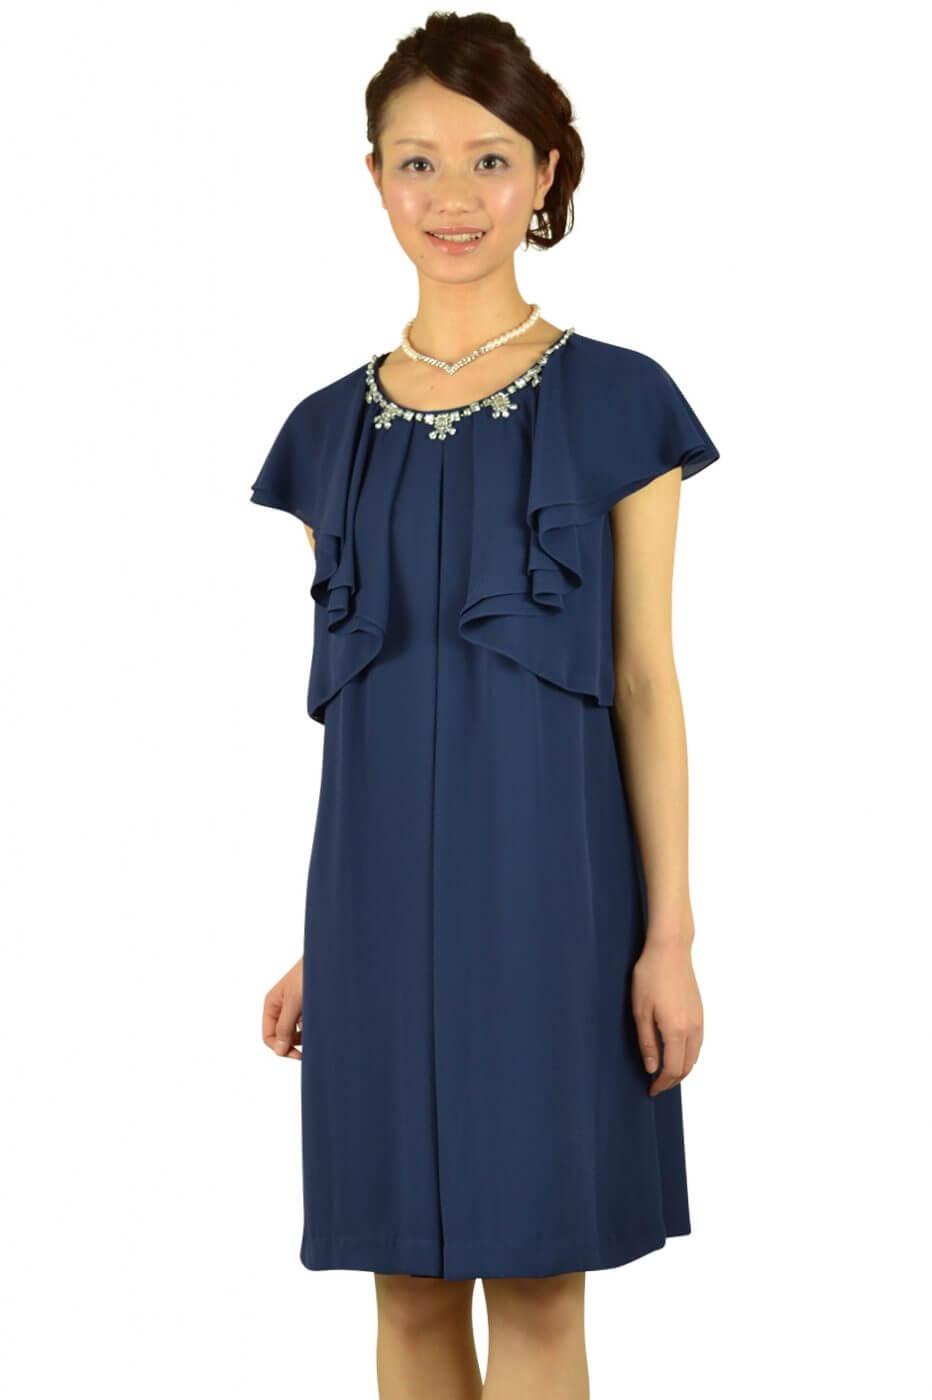 ペイトンプレイス (PEYTON PLACE)ネイビーラッフル袖ドレス